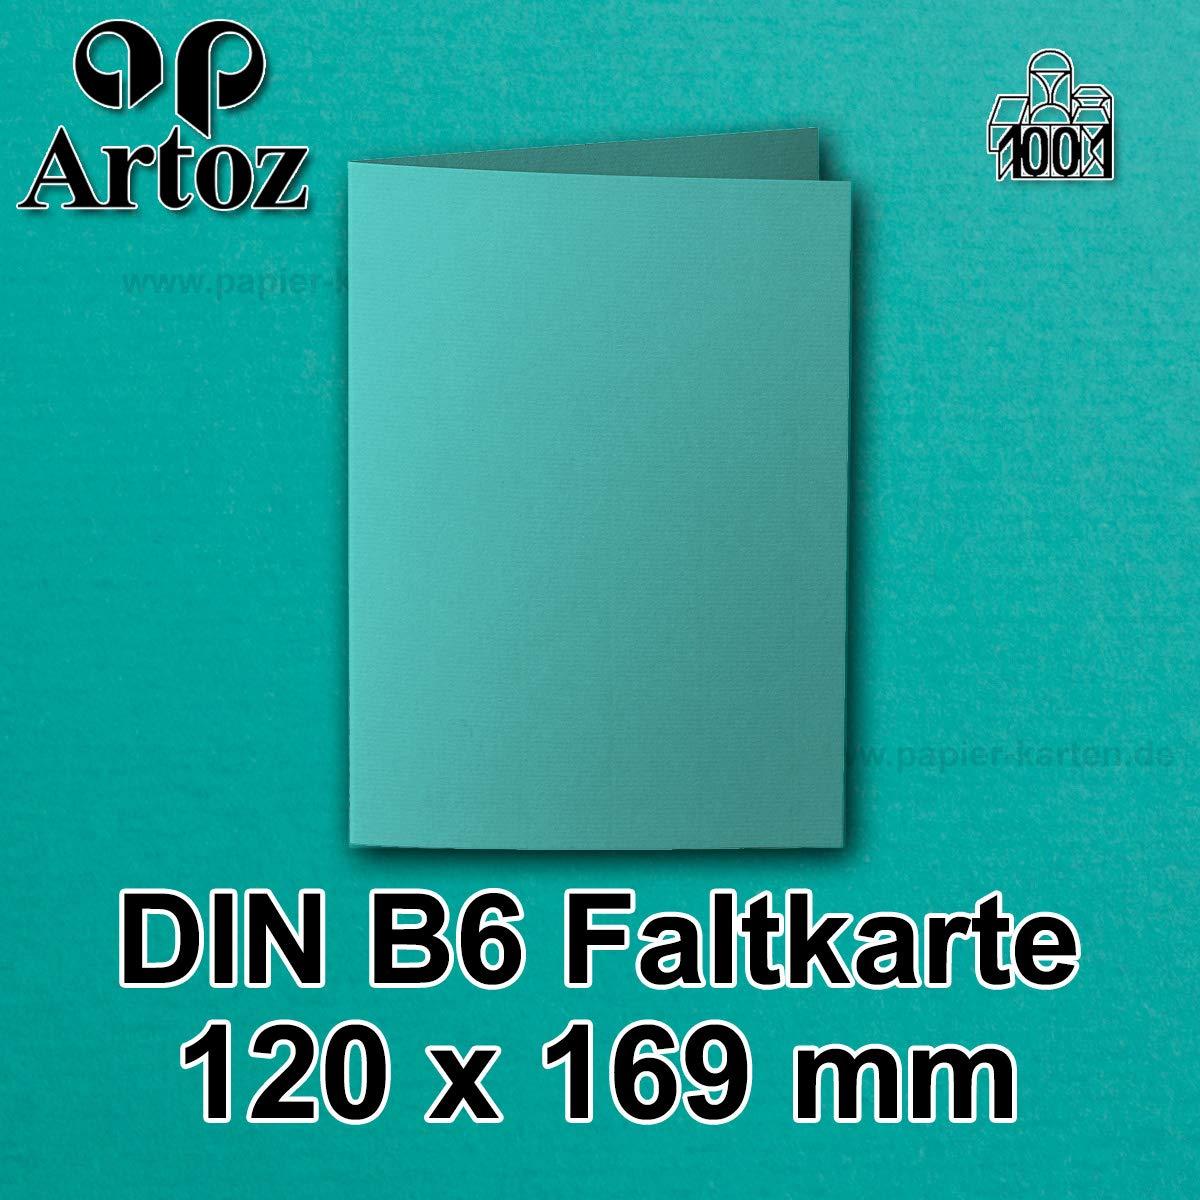 hochdoppelt //// 120 x 169 mm gerippt 220 g//m/² //// Serie 1001 //// Bl/ütenwei/ß 50x original ARTOZ DIN B6 Faltkarten